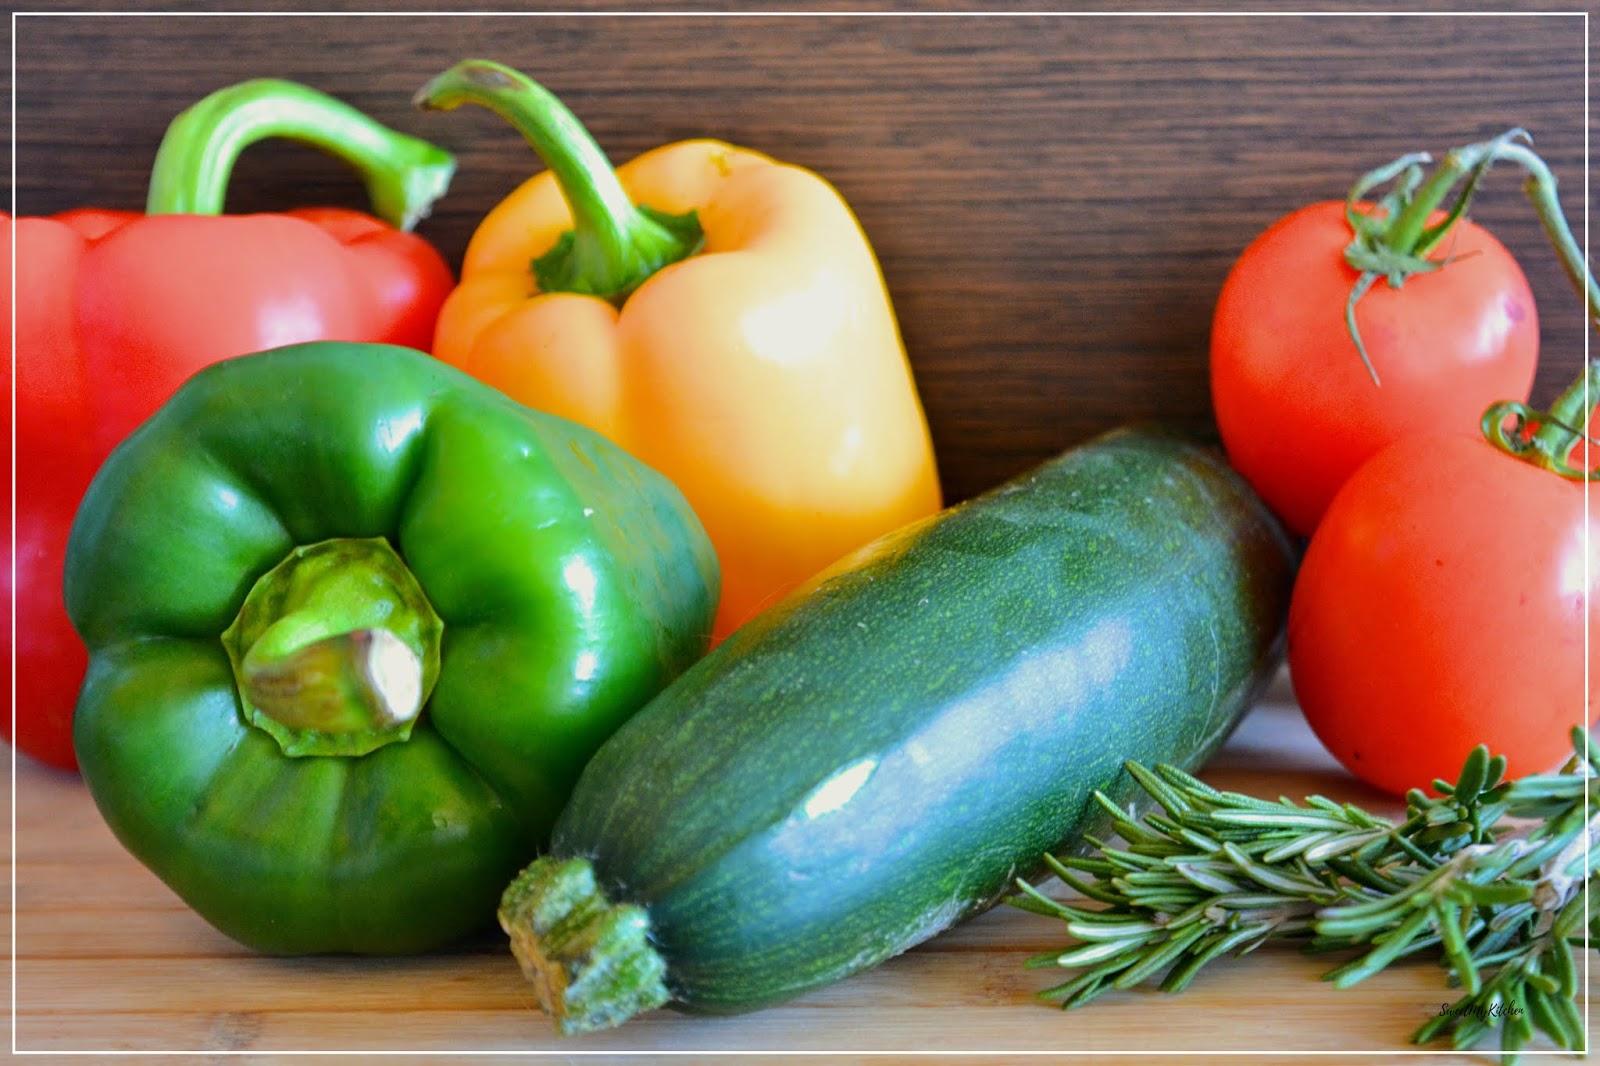 Como evitar o desperdício alimentar